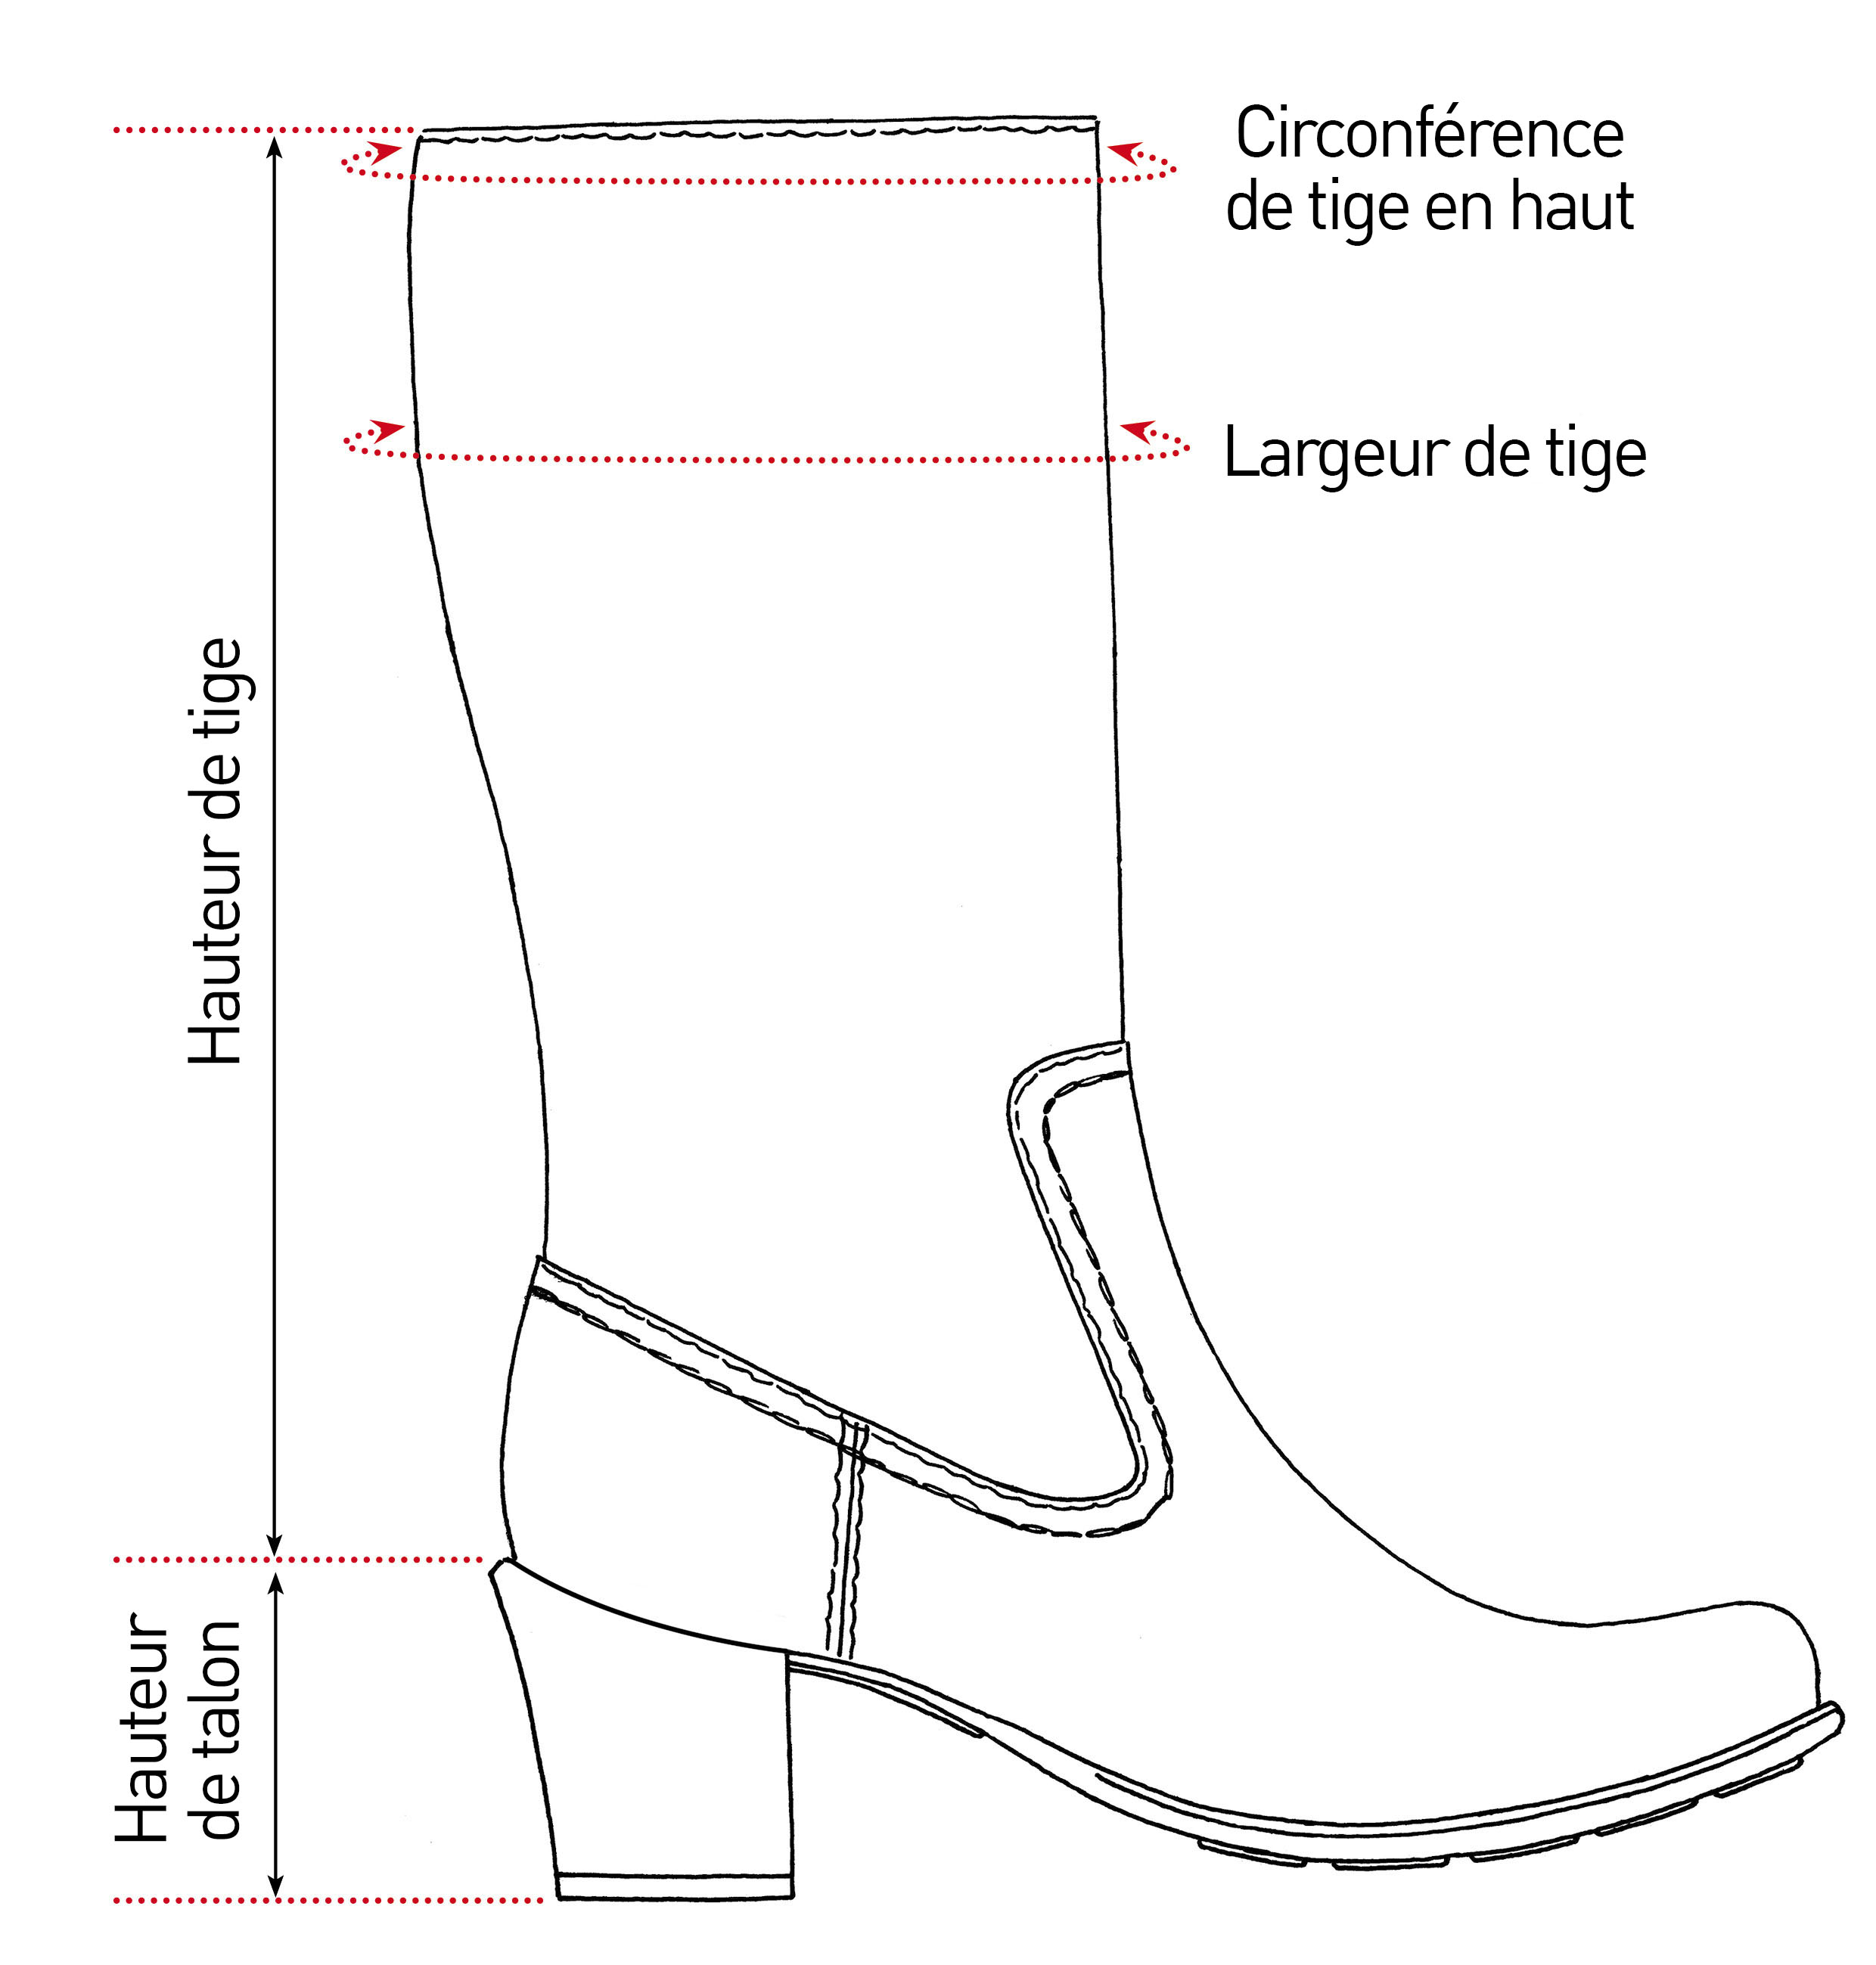 Bottines Chaussures Bottines Definition Chaussures Chaussures Definition Bottines Definition Bottines Chaussures Definition TFc3Kl1J